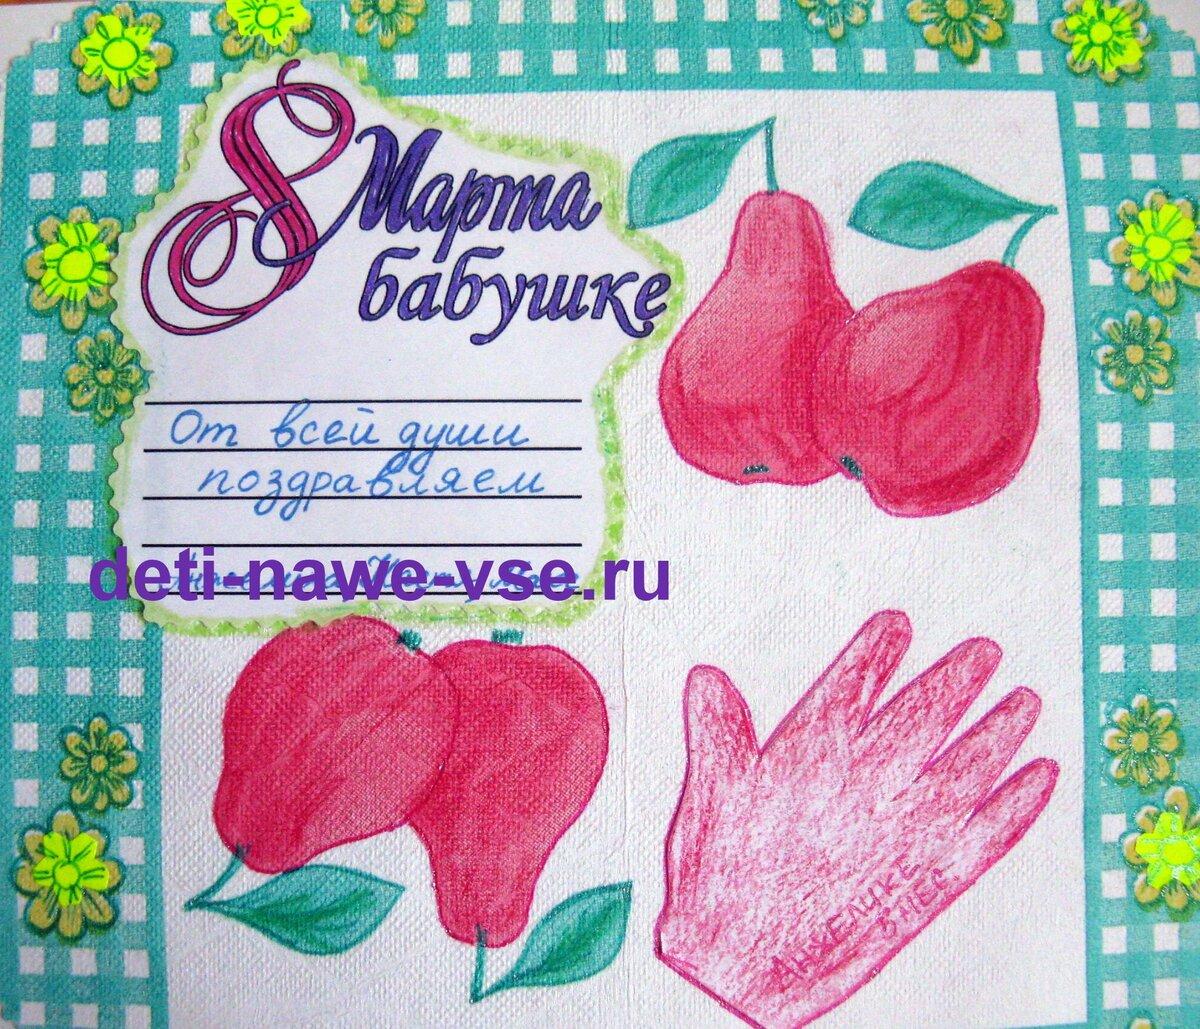 Картинки, открытки бабушке и маме на 8 марта до чего у бабушки